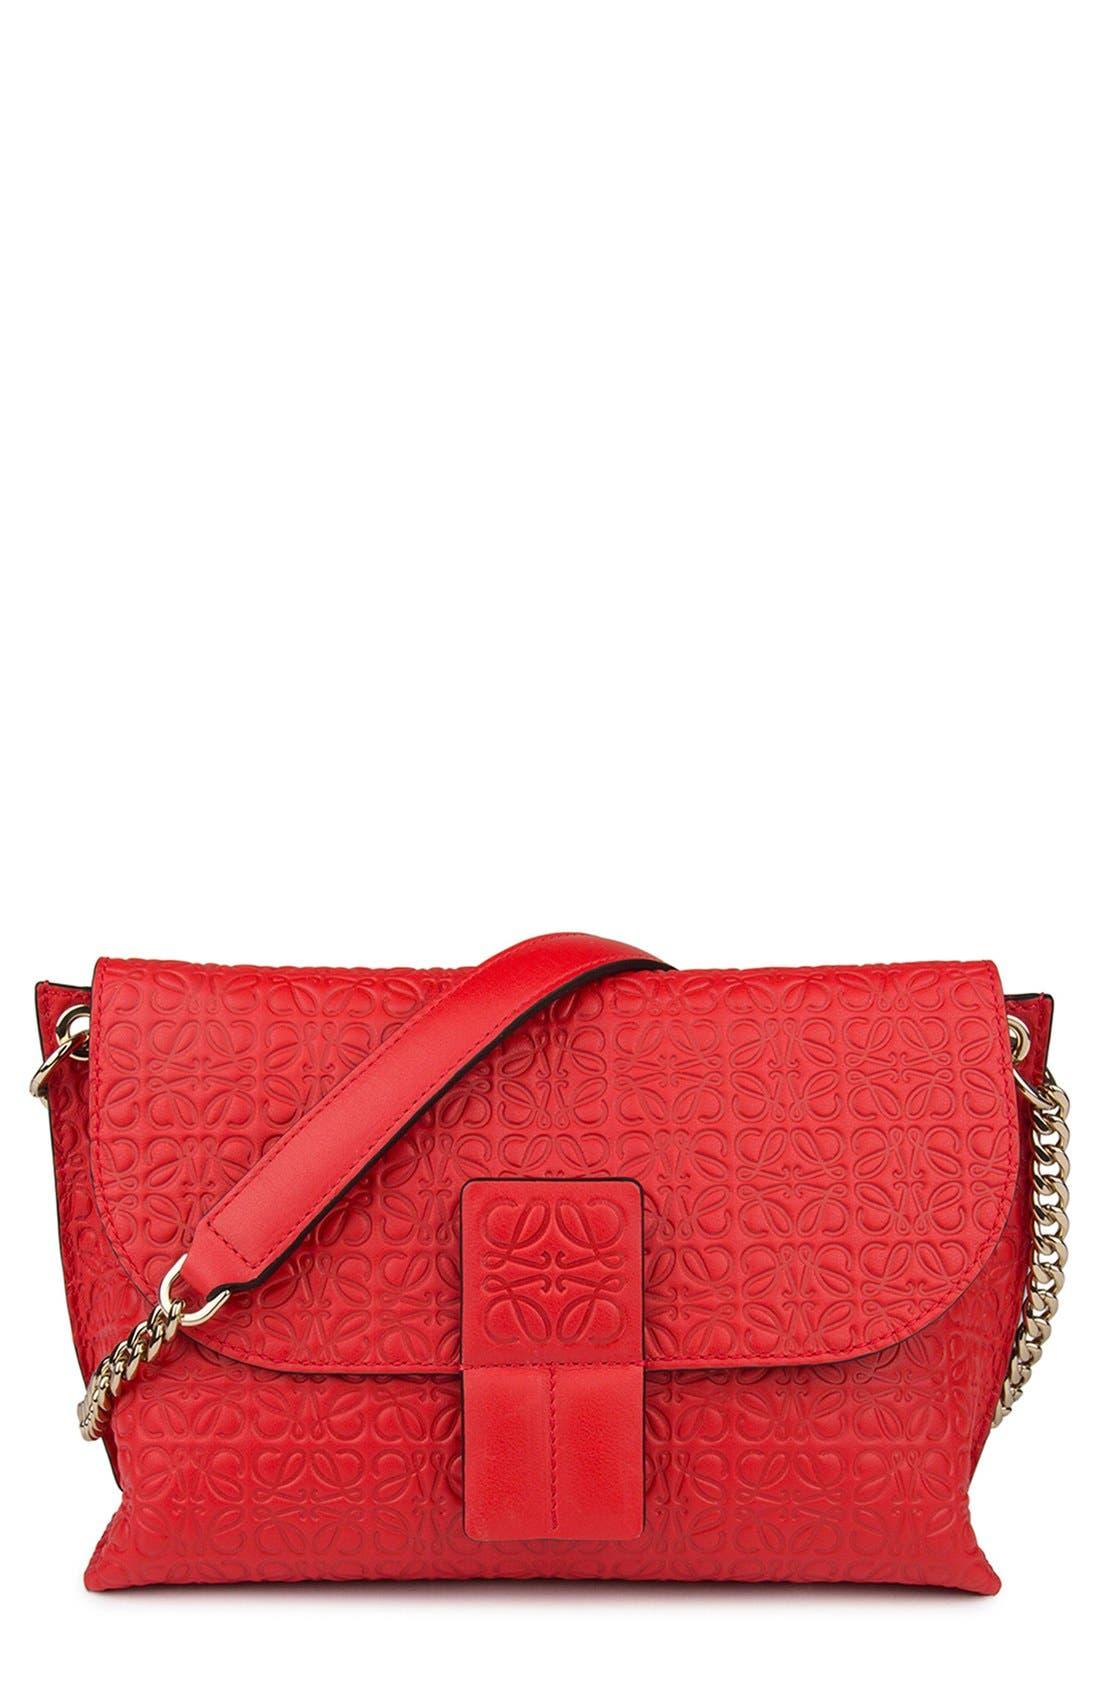 LOEWE Avenue Embossed Calfskin Leather Crossbody Bag